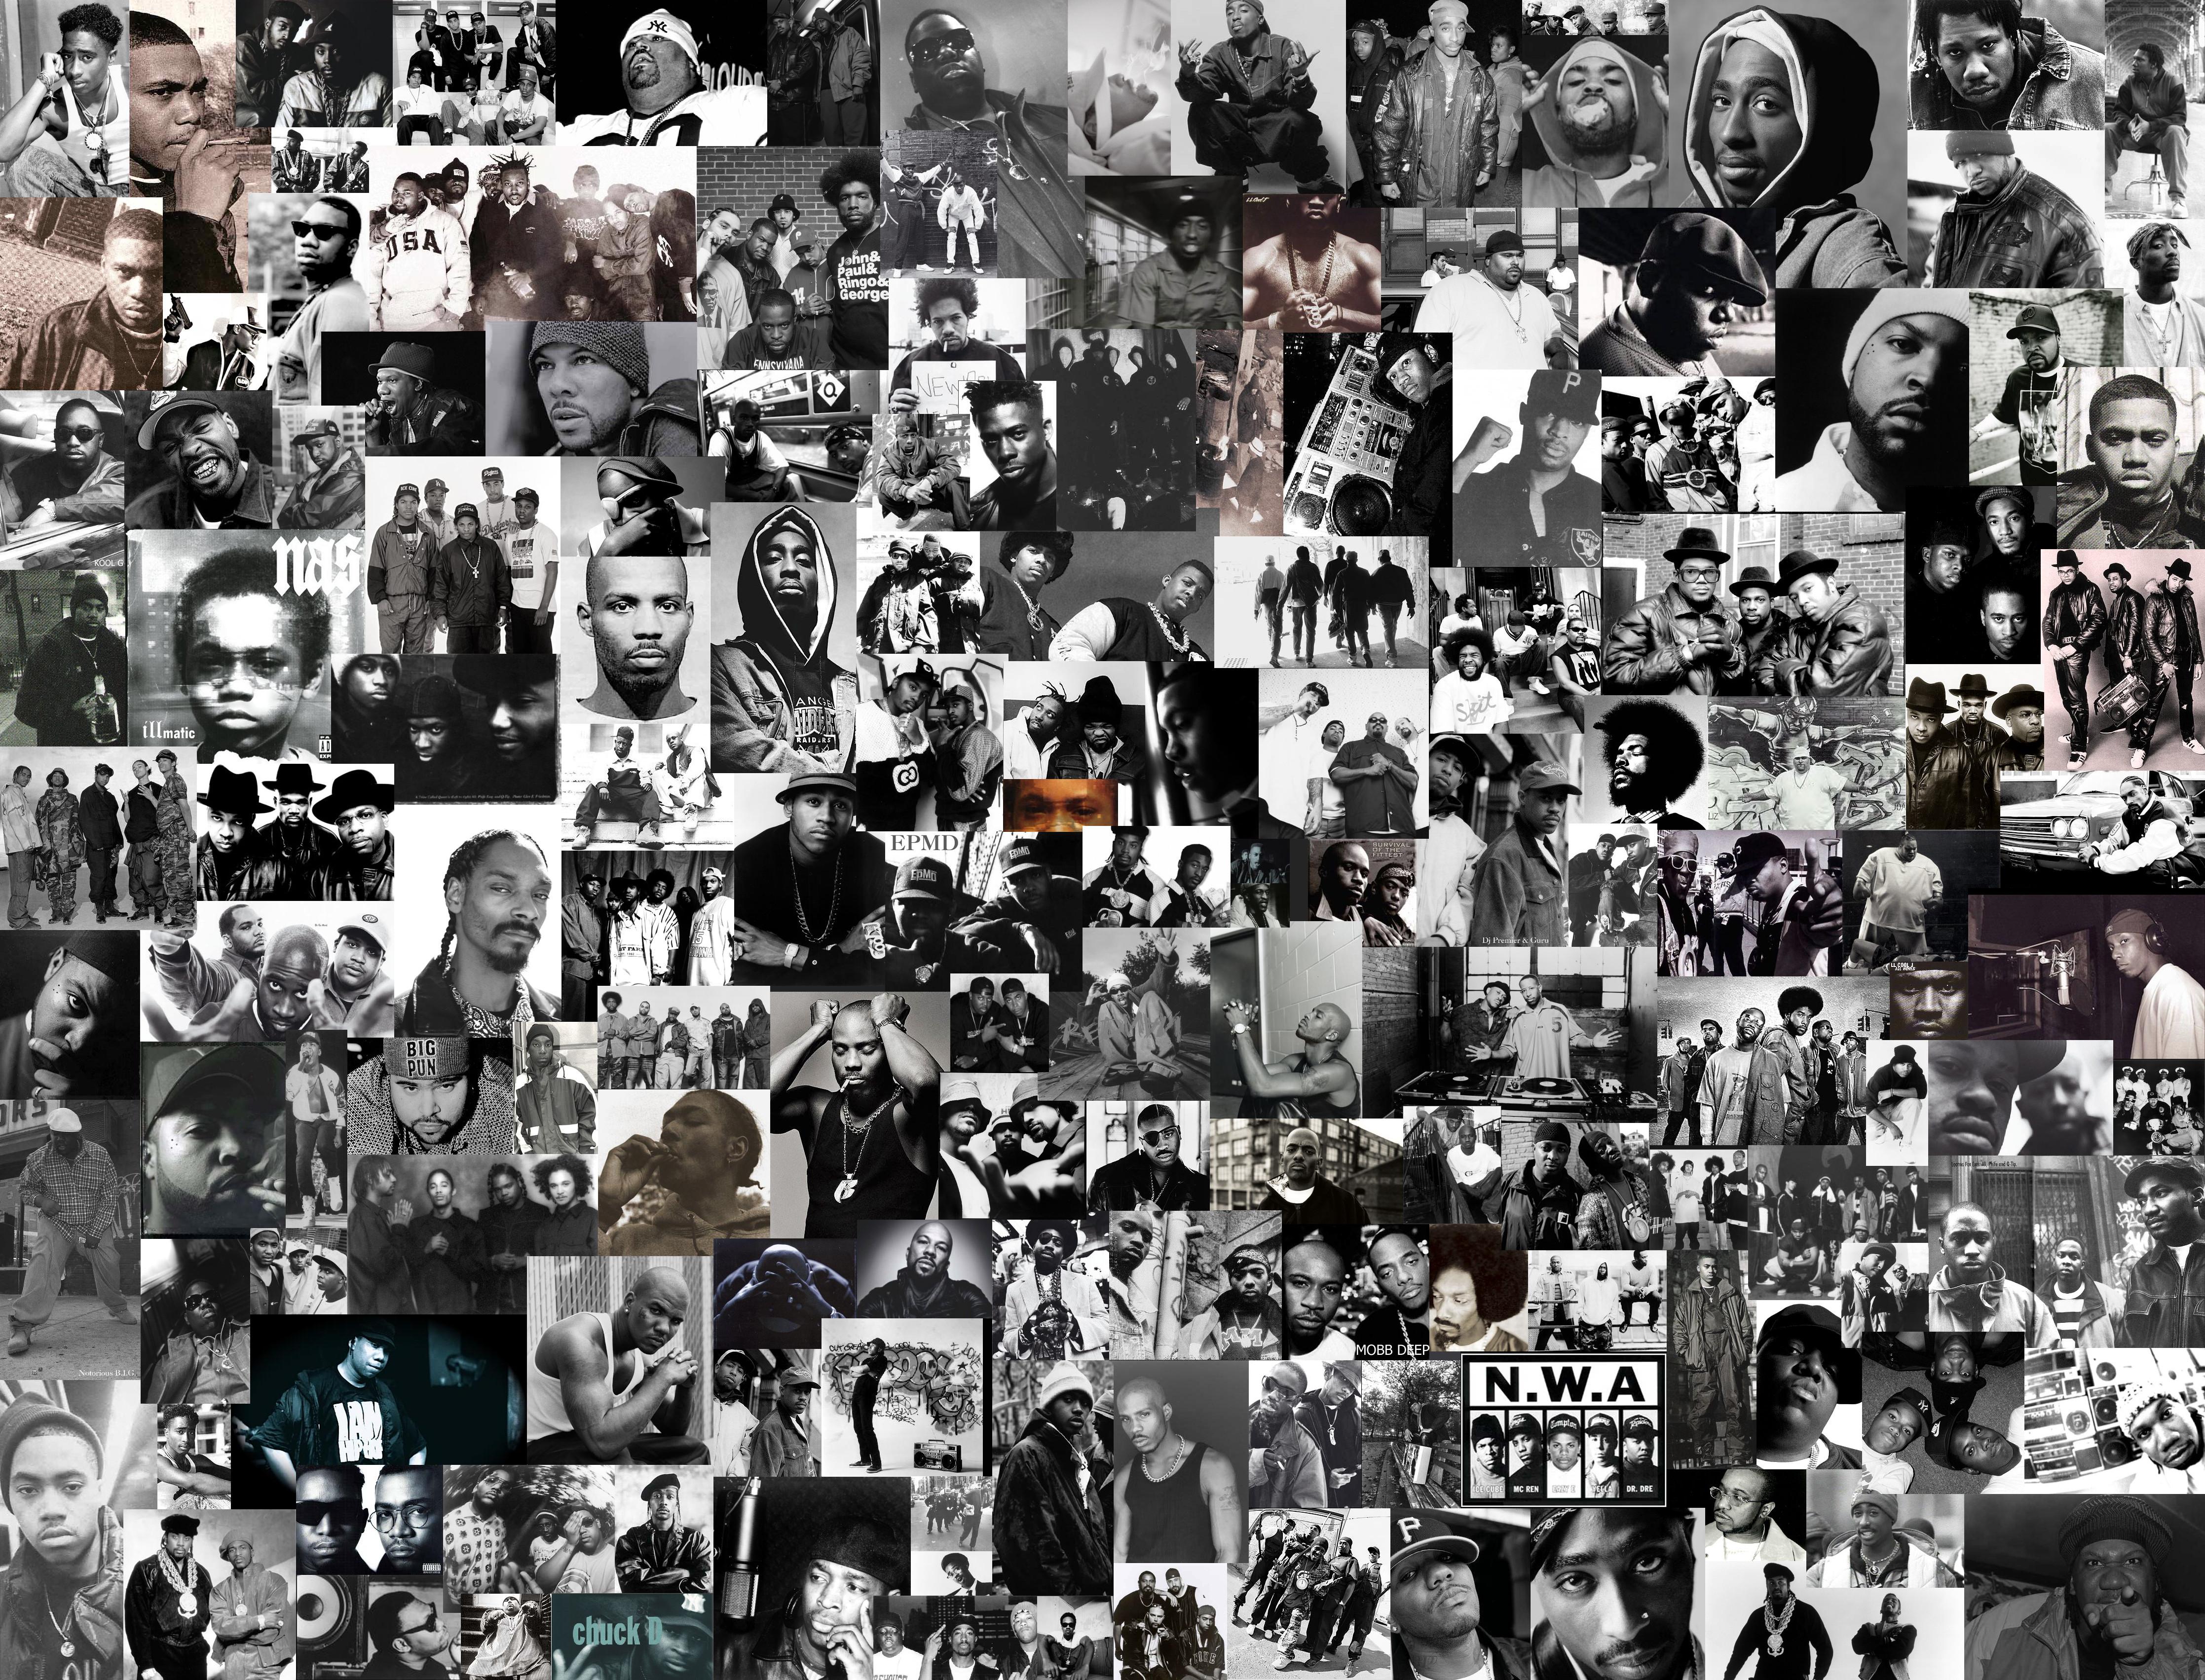 Rapper rap hip hop gangsta te wallpaper 4469x3405 180946 4469x3405